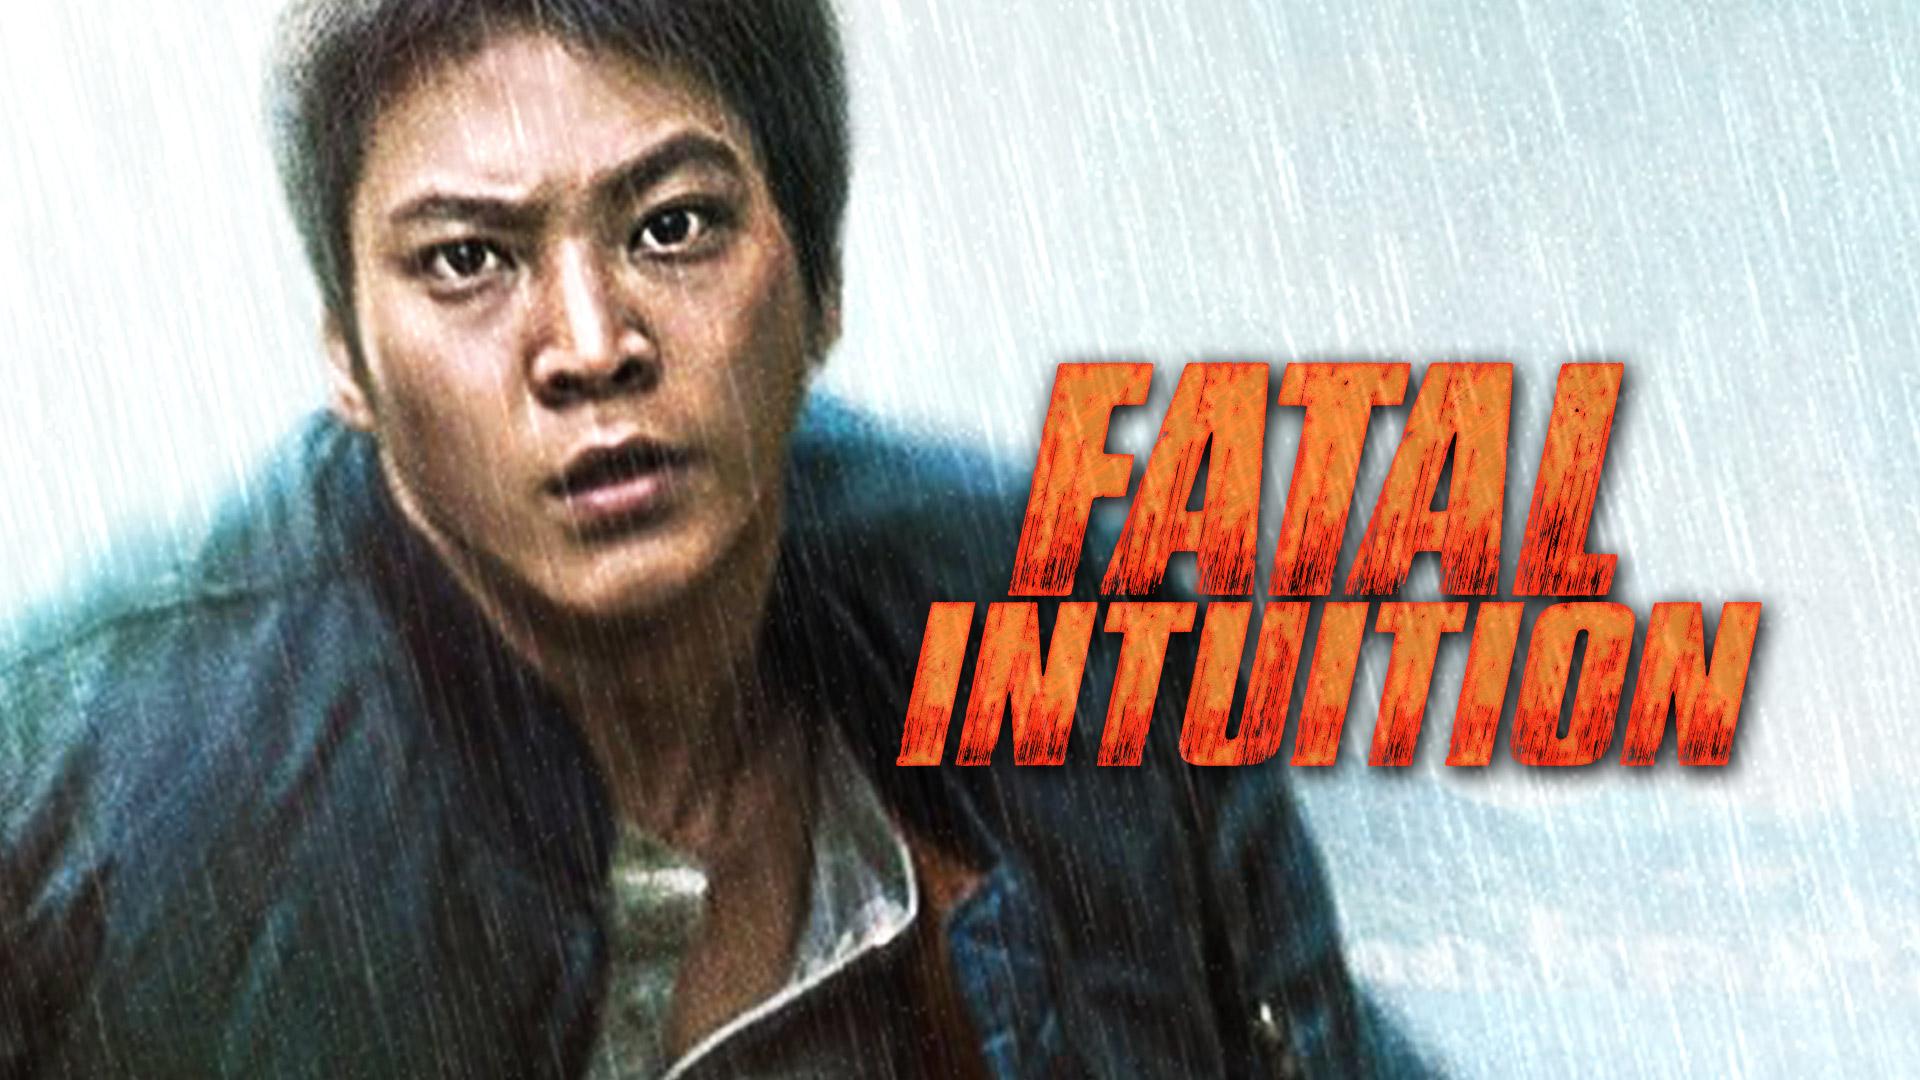 Watch Misbehavior Korean Movie Eng Sub Online